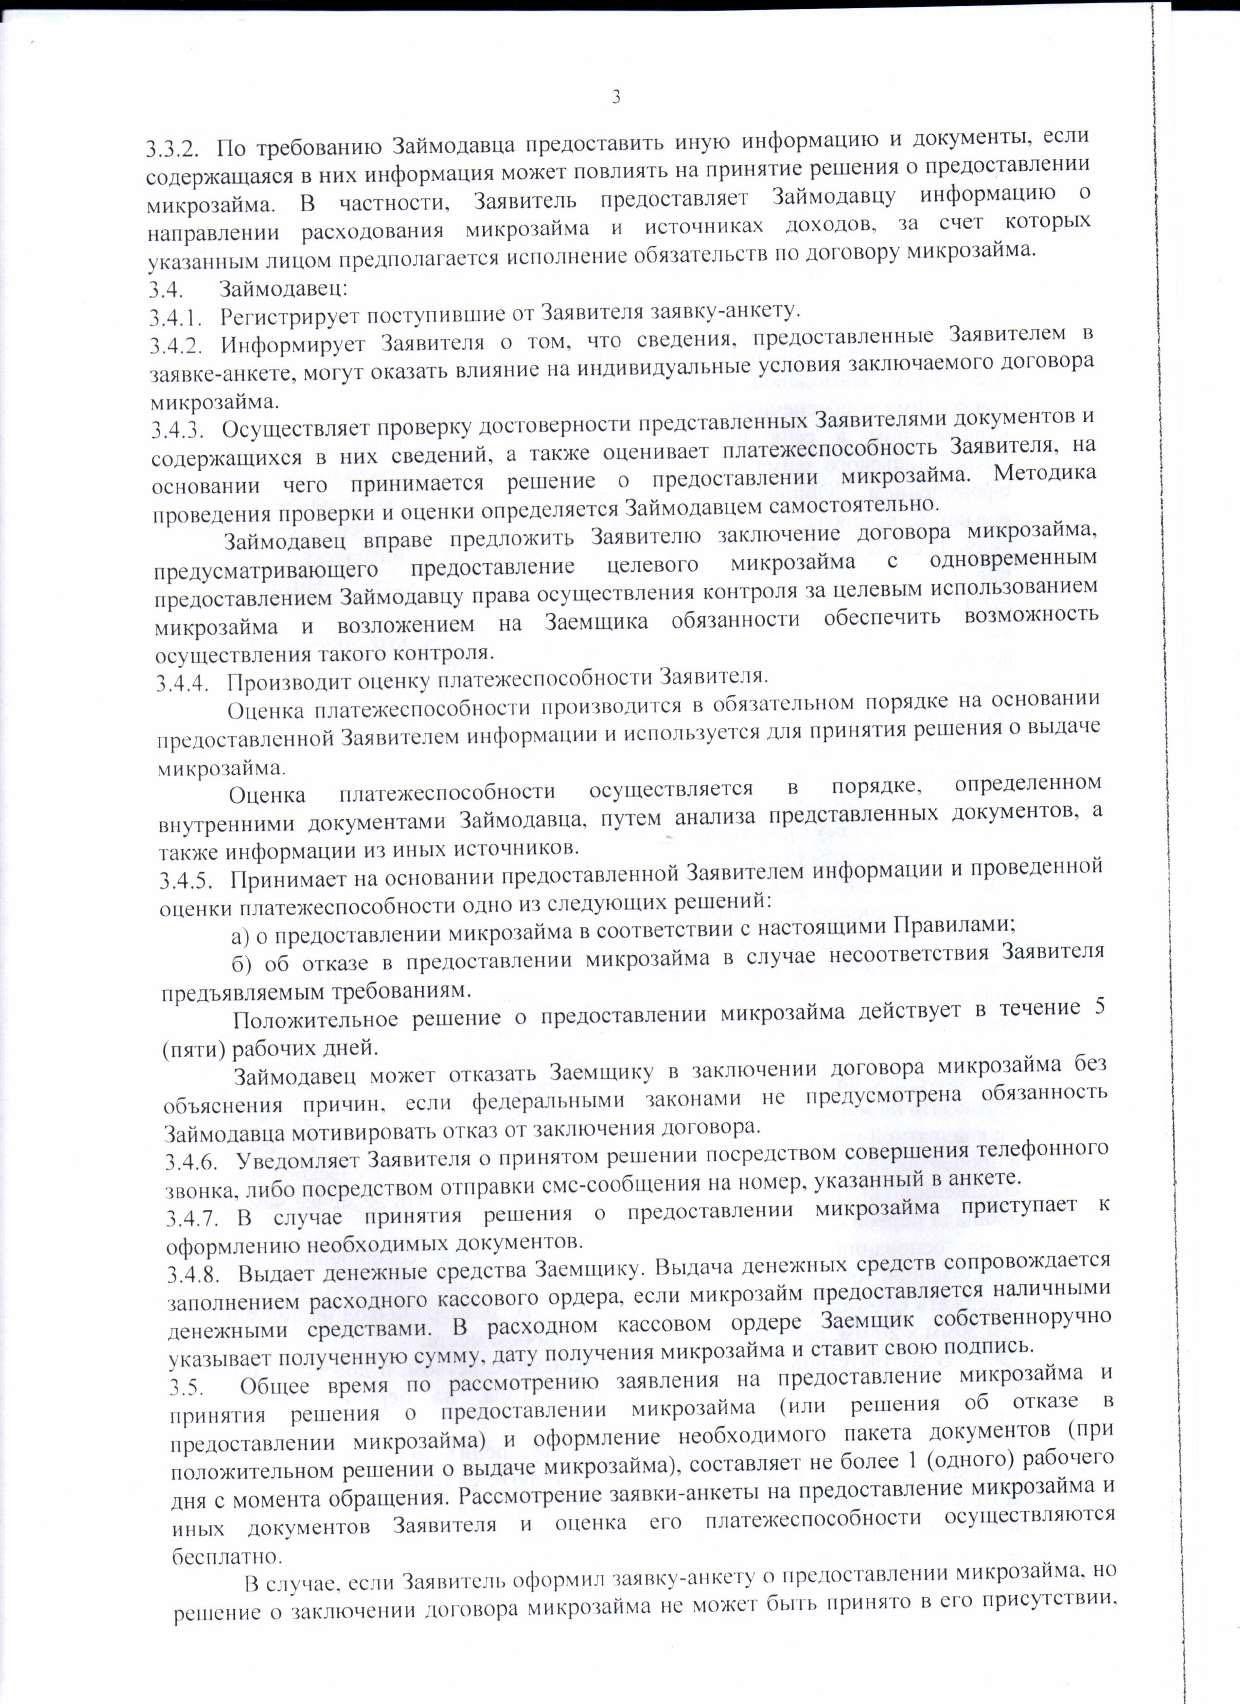 Правила предоставления микрозаймов стр3